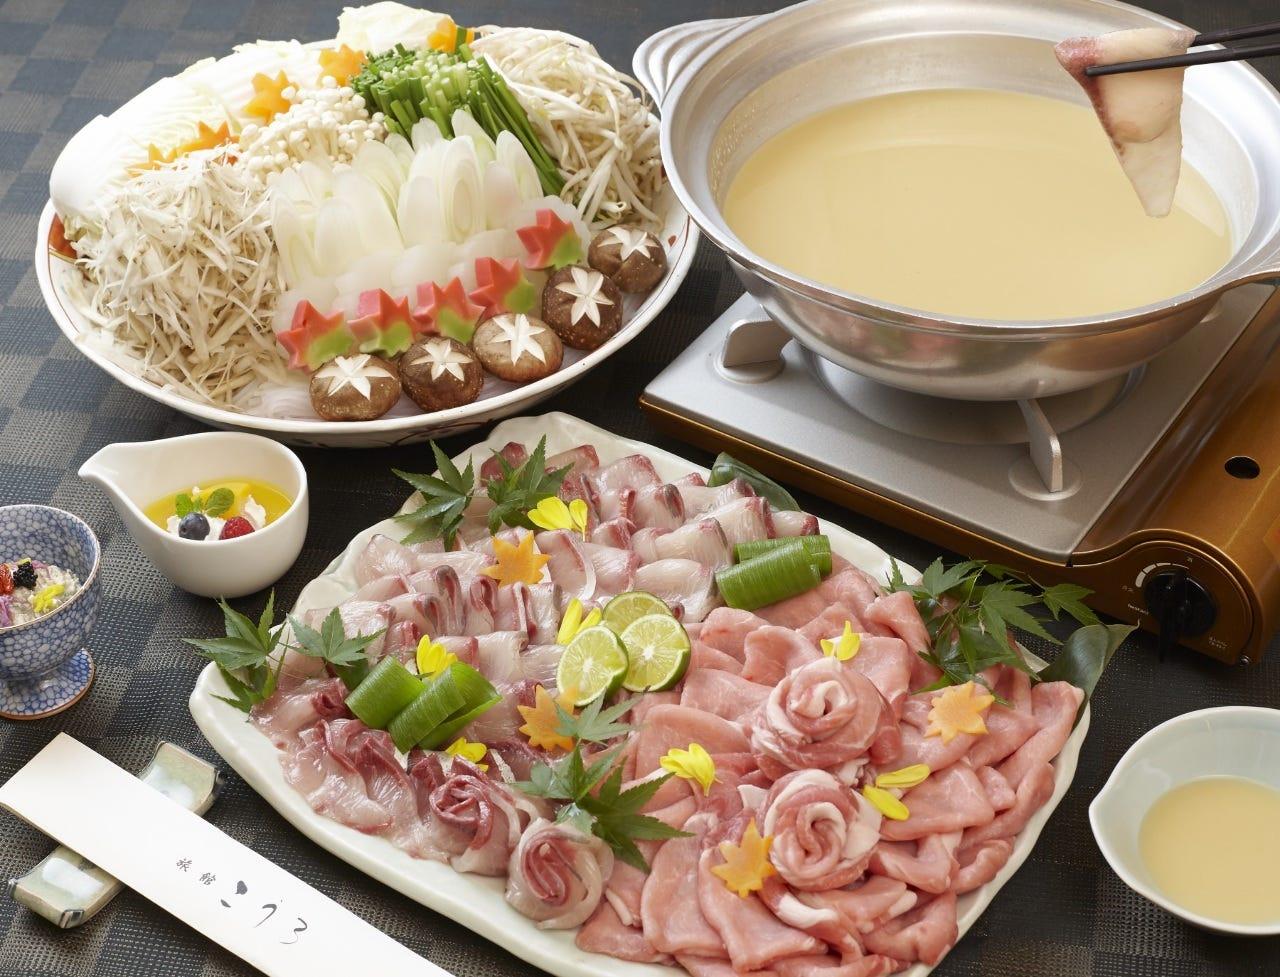 【宴会におすすめ】飲み放題付き!ブリと豚を一緒に楽しめるBURITON(ぶりとん)鍋宴会コース